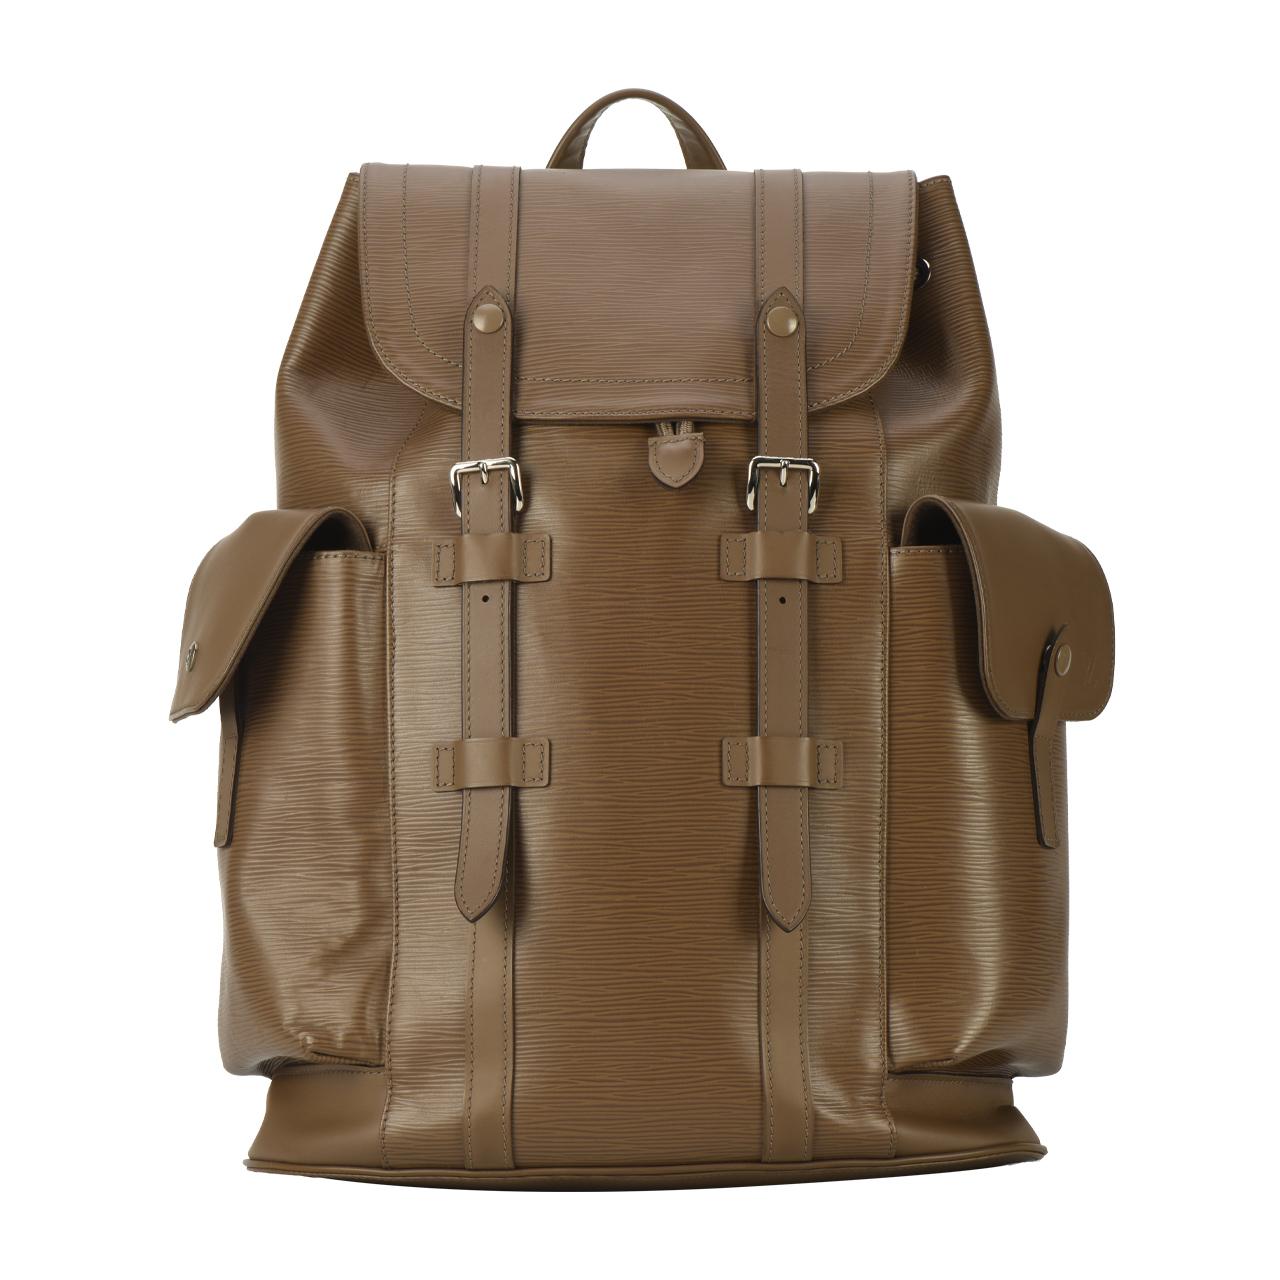 ❥チกระเป๋ากีฬาหูรูดกระเป๋ากีฬาคาดเอวกระเป๋ากีฬากระเป๋าเดินทางกระเป๋ากีฬาสะพายข้าง[9.5ใหม่] หลุยส์วิตตองLouis Vuittonผู้ชา